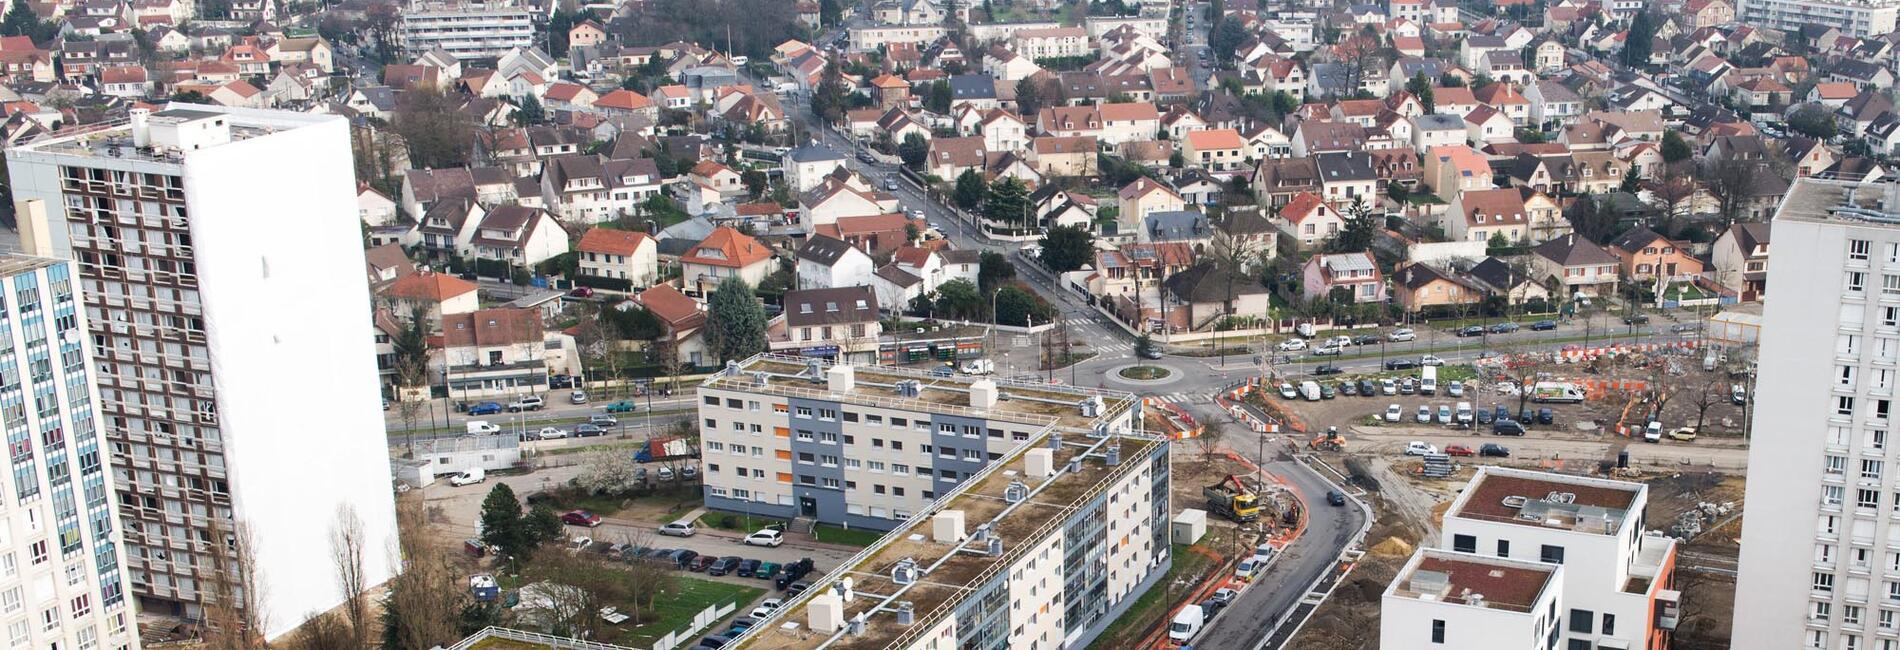 Le renouvellement urbain mairie de champigny sur marne - Son et video champigny sur marne ...